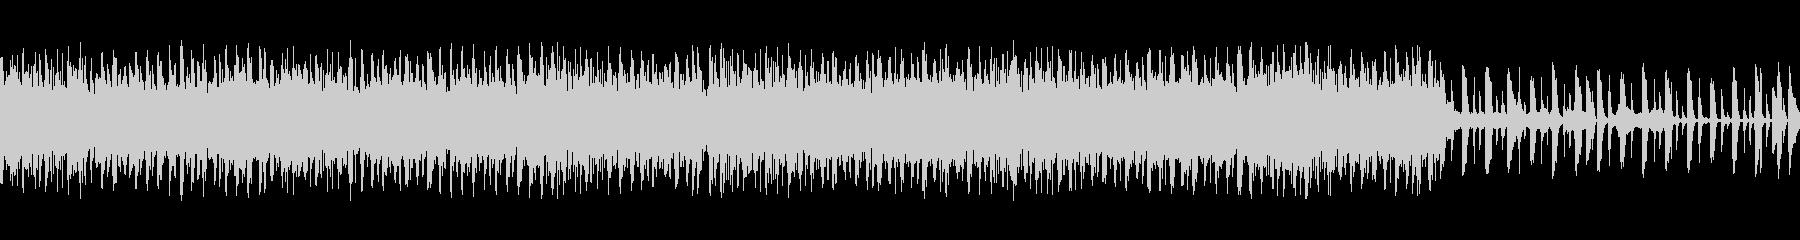 アコギナチュラルテイストループの未再生の波形